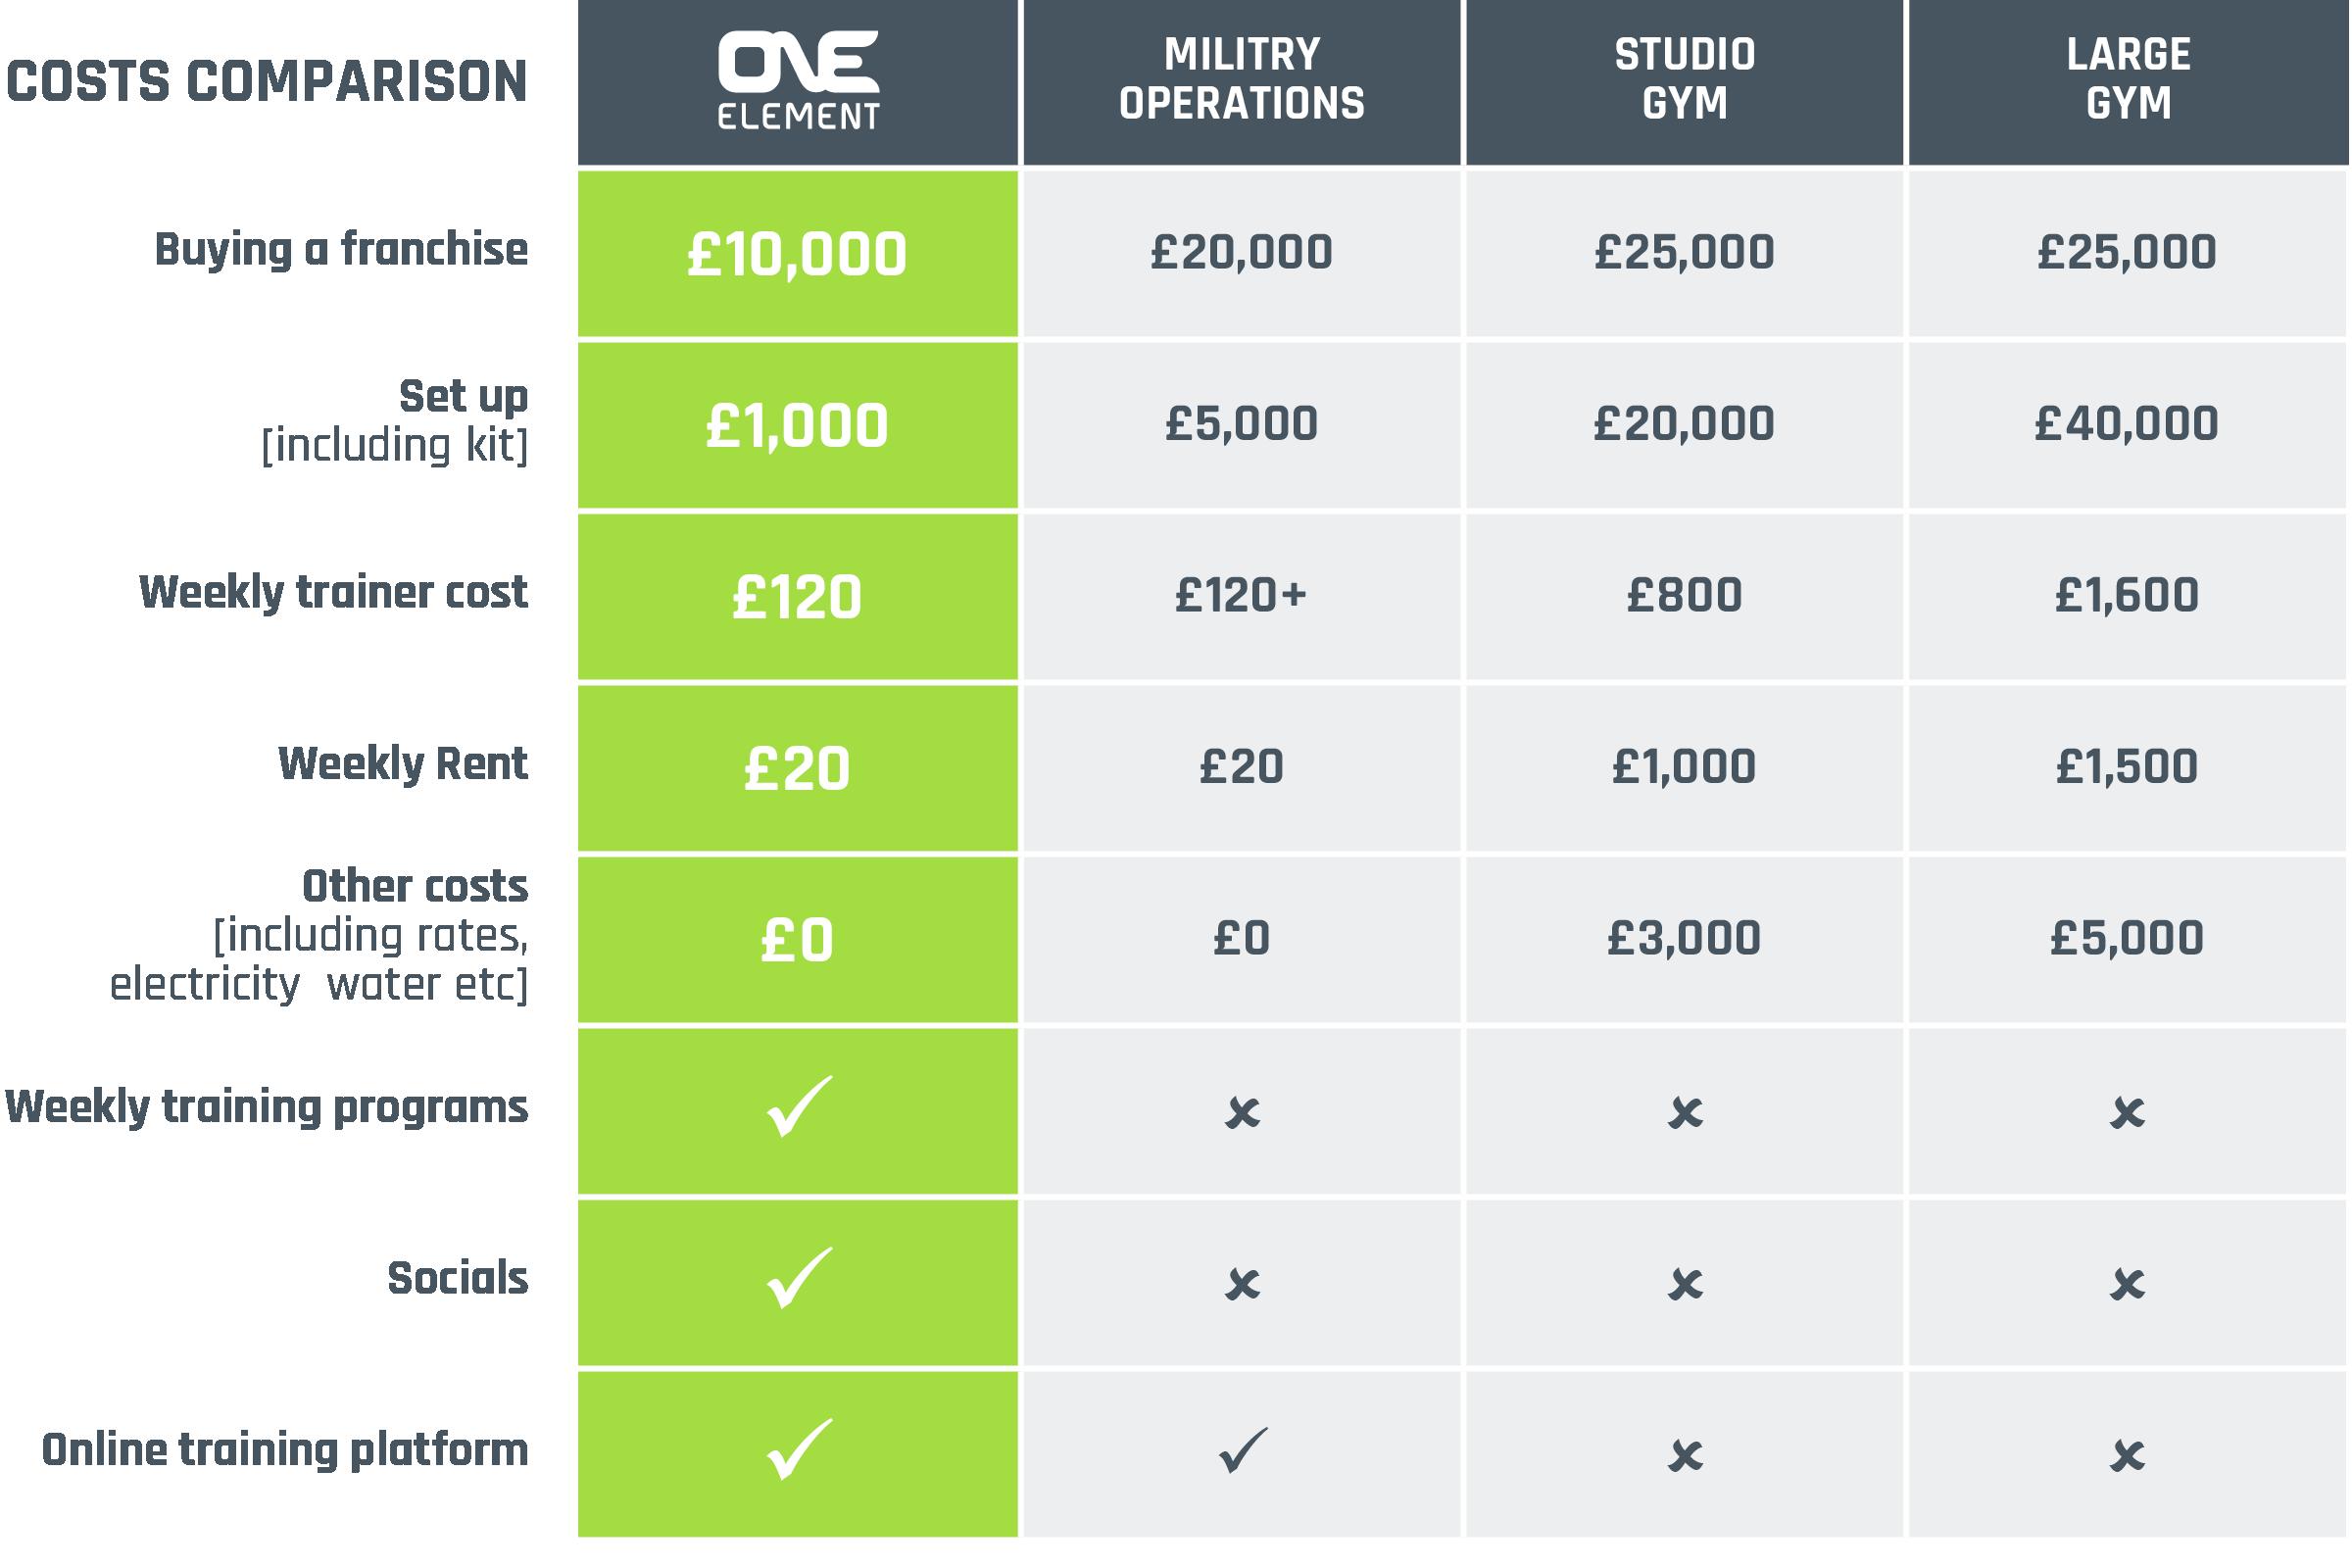 Costs comparison